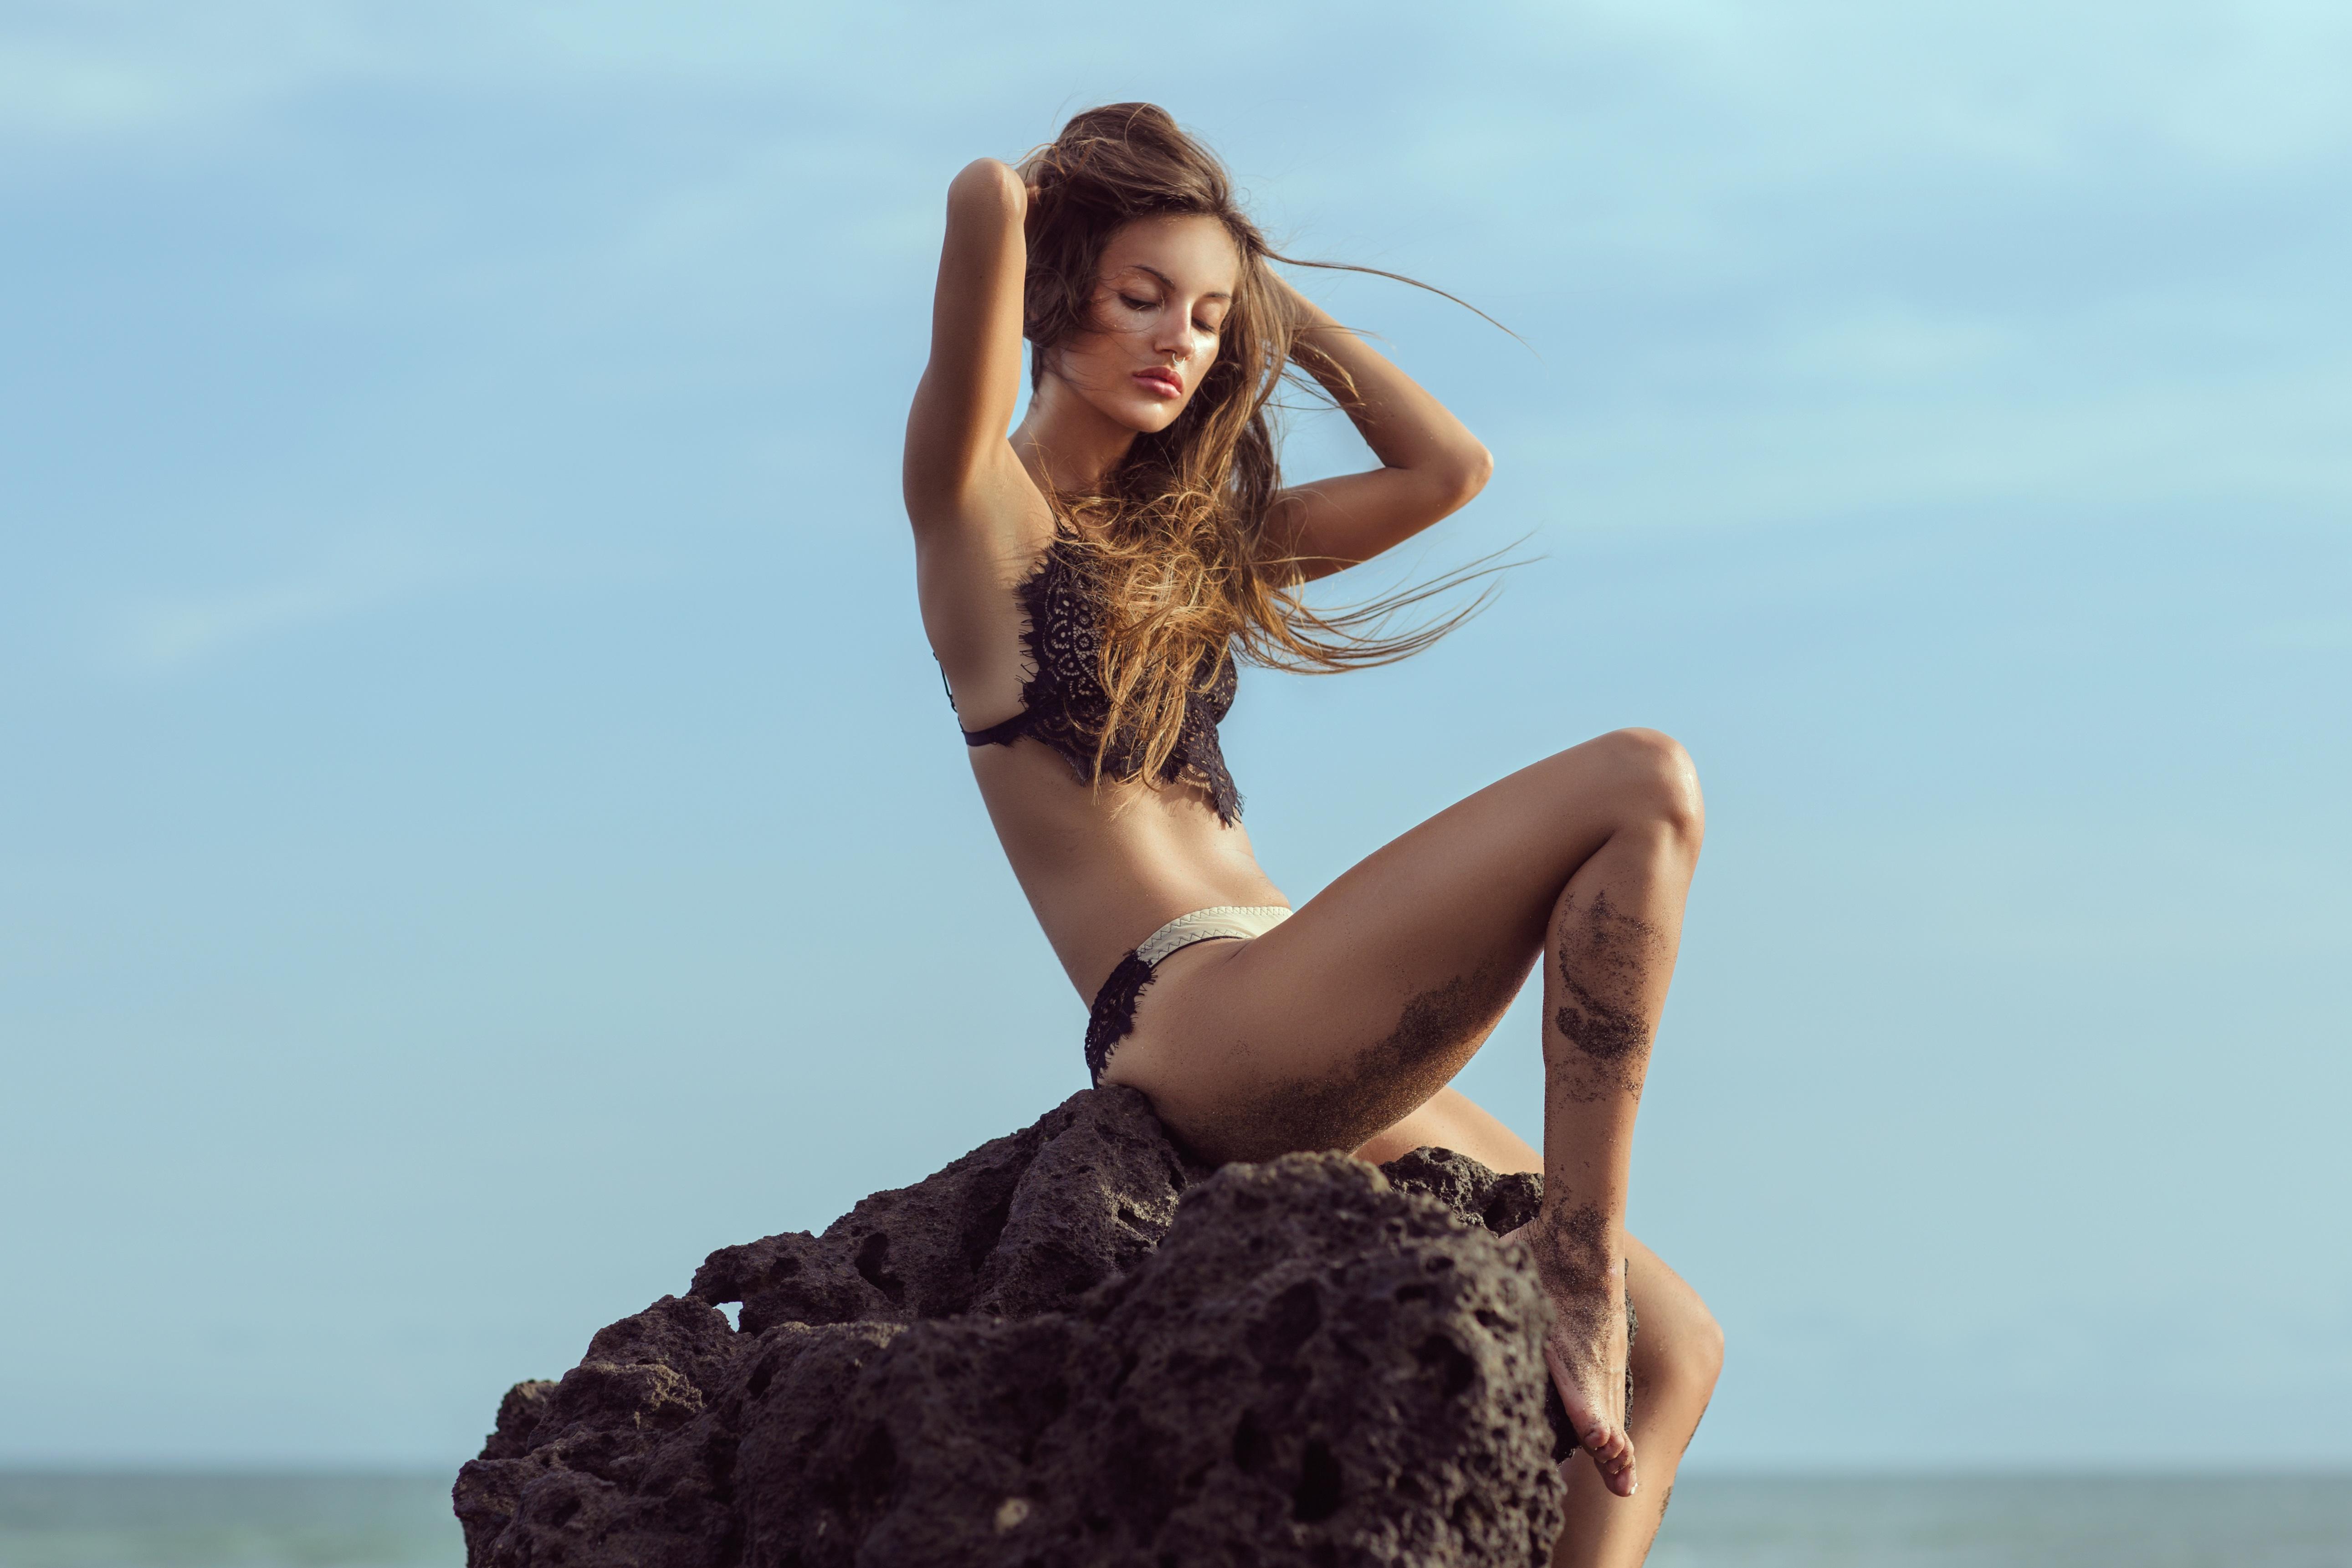 Poze Plajă Mare Persoană Fată Femeie Fotografie